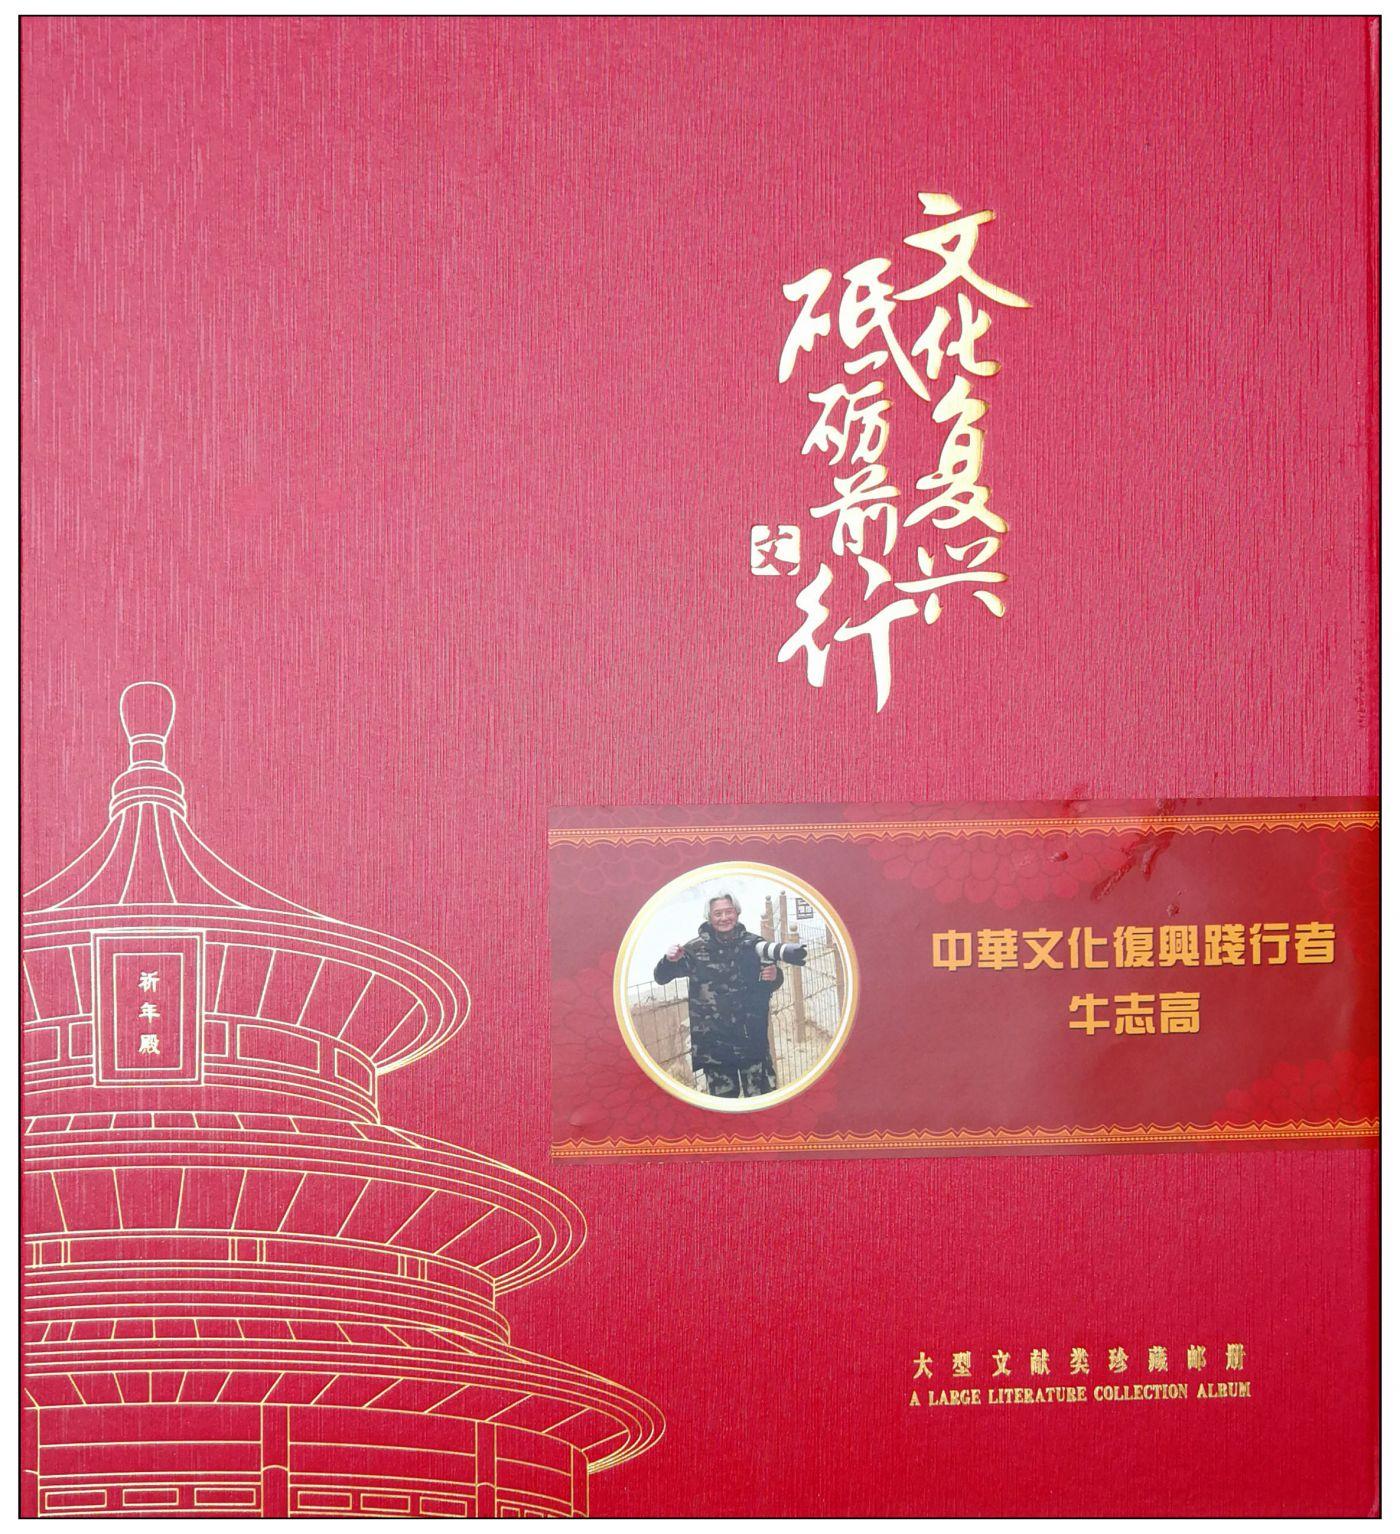 文化复兴----2020年牛志高绘画出版纪念邮票_图1-1